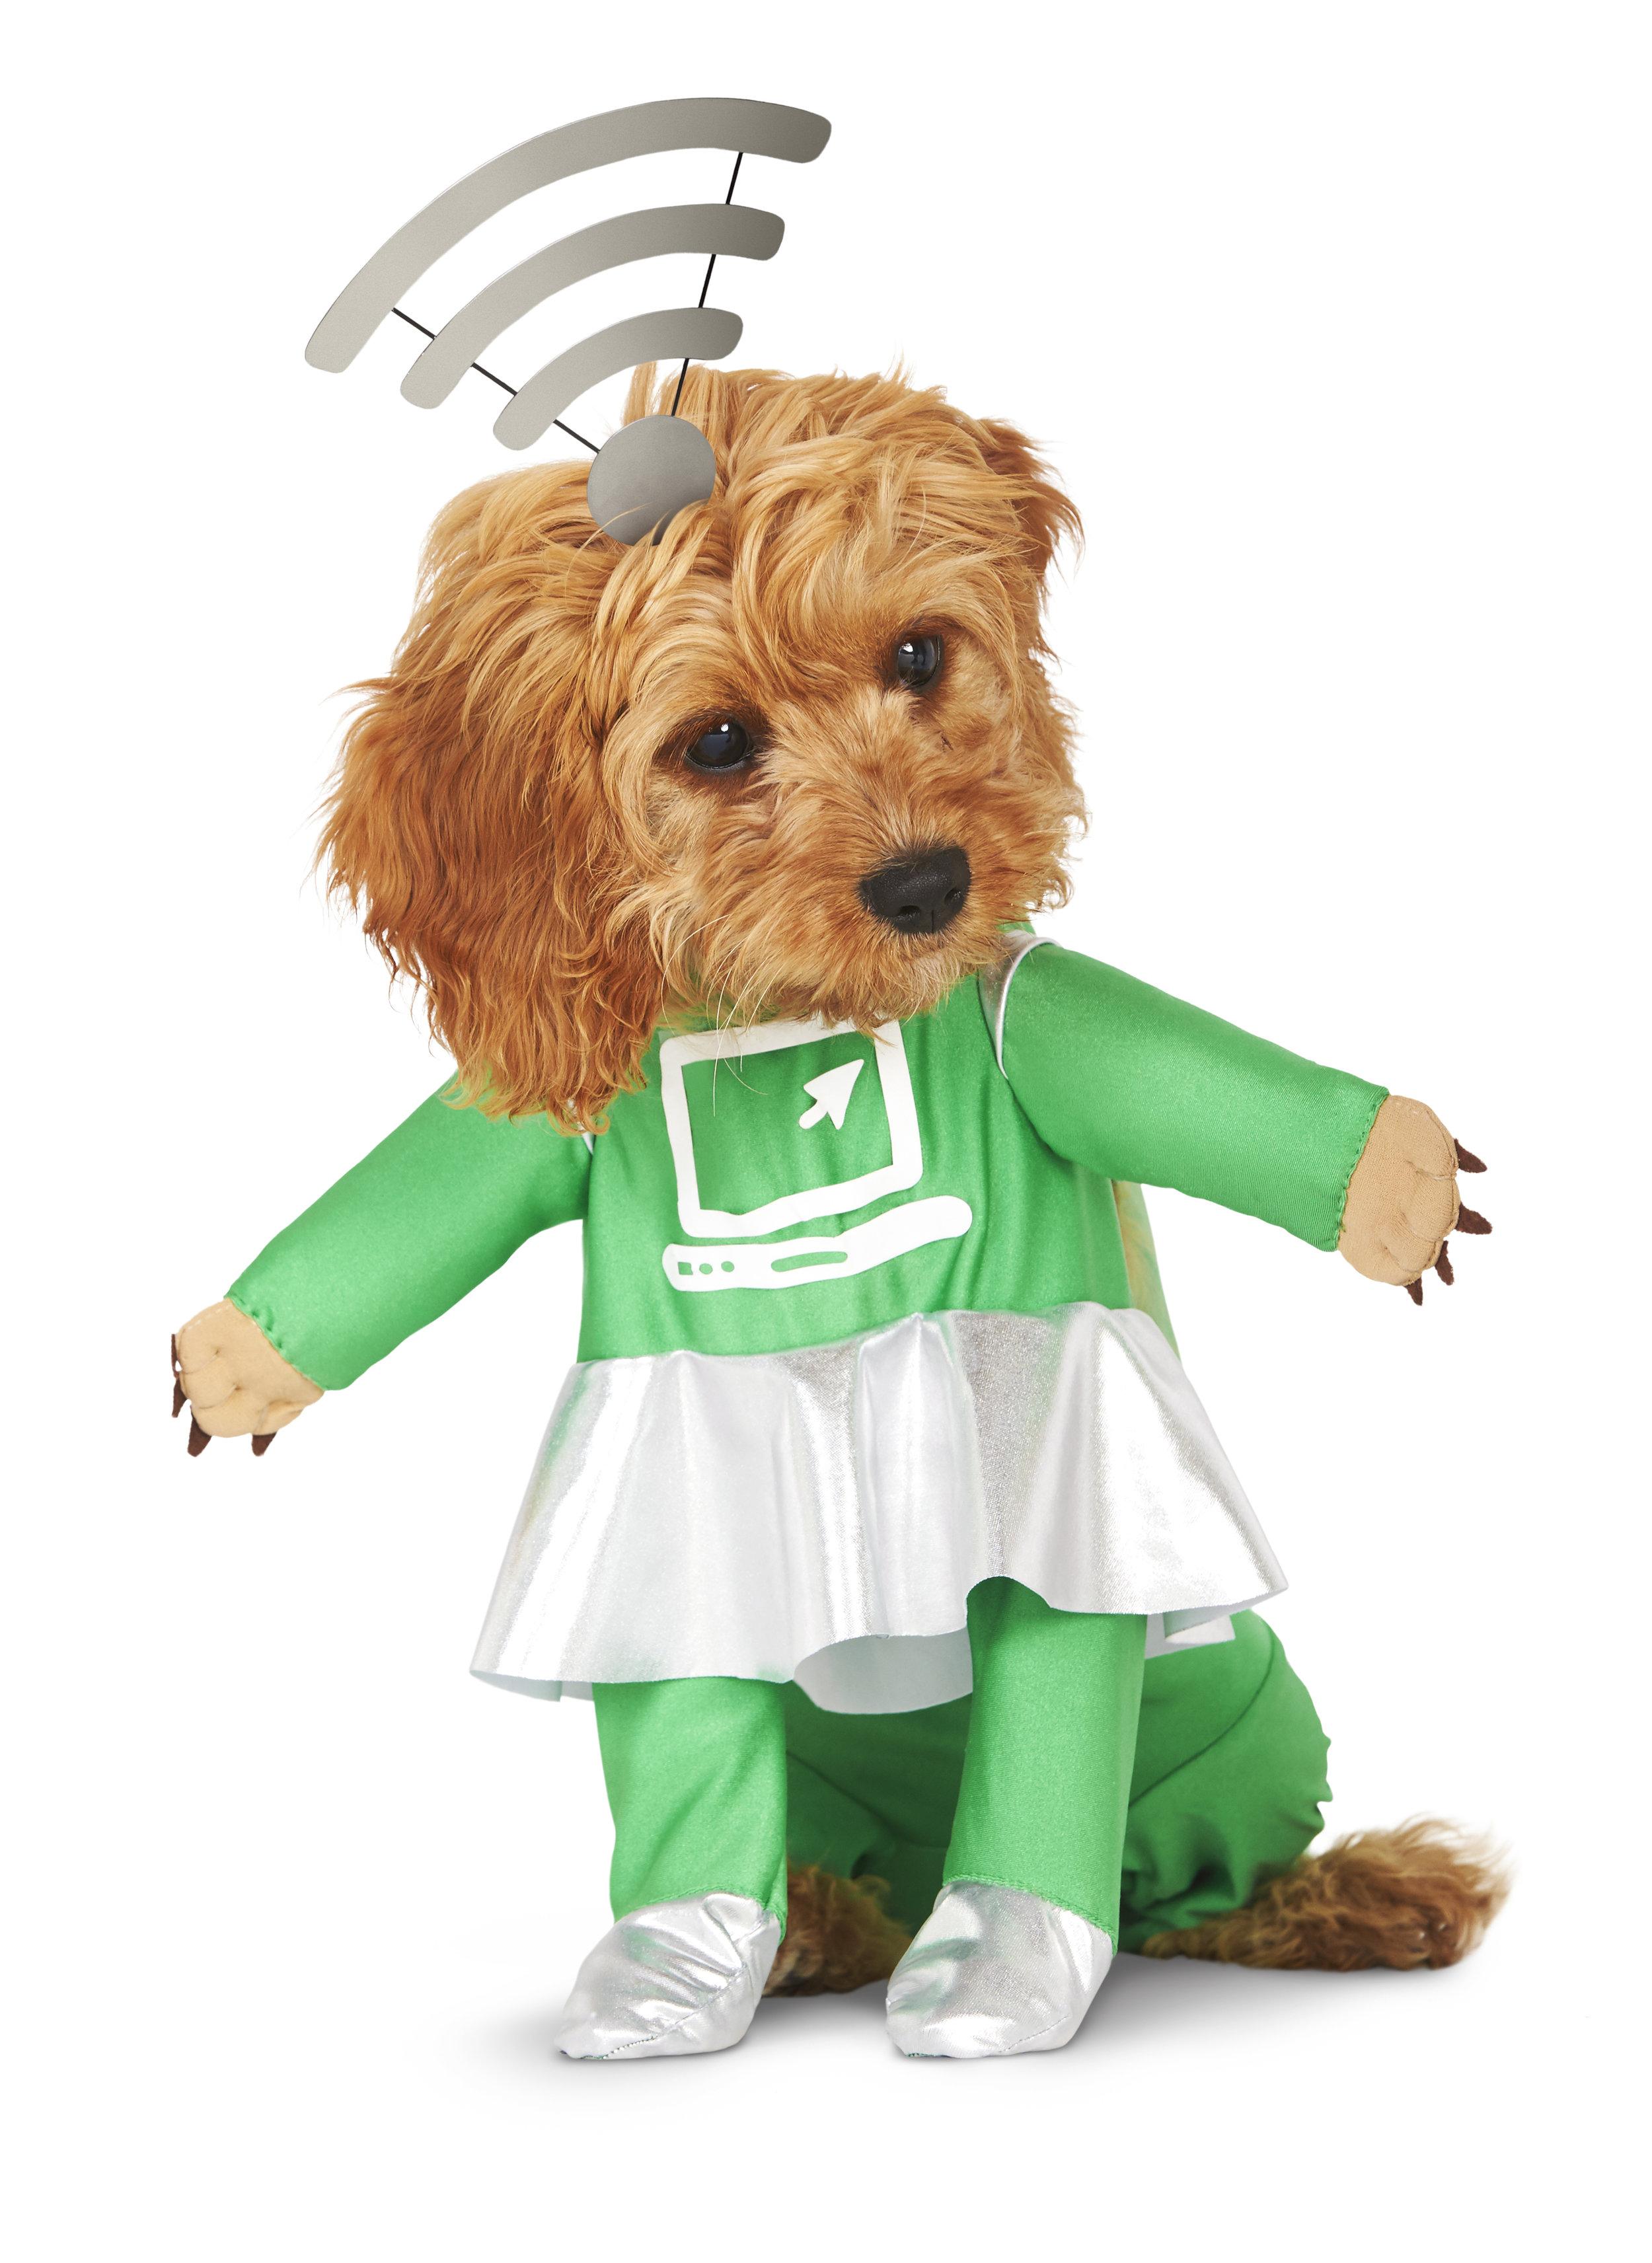 puppy-internet_287471.jpg